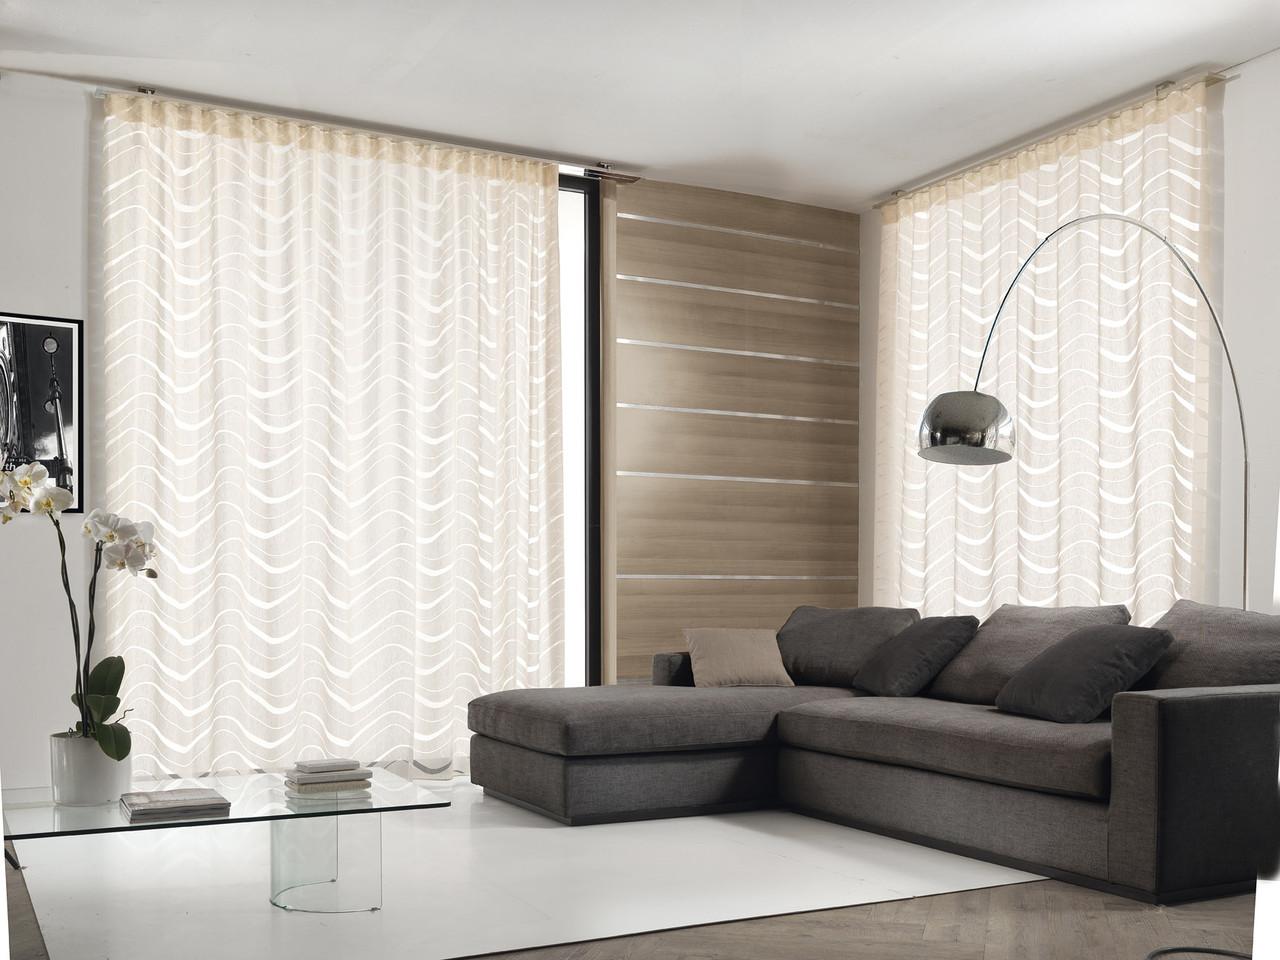 Ciesse arredamento moderno di carini for Case moderne sotto 2000 piedi quadrati